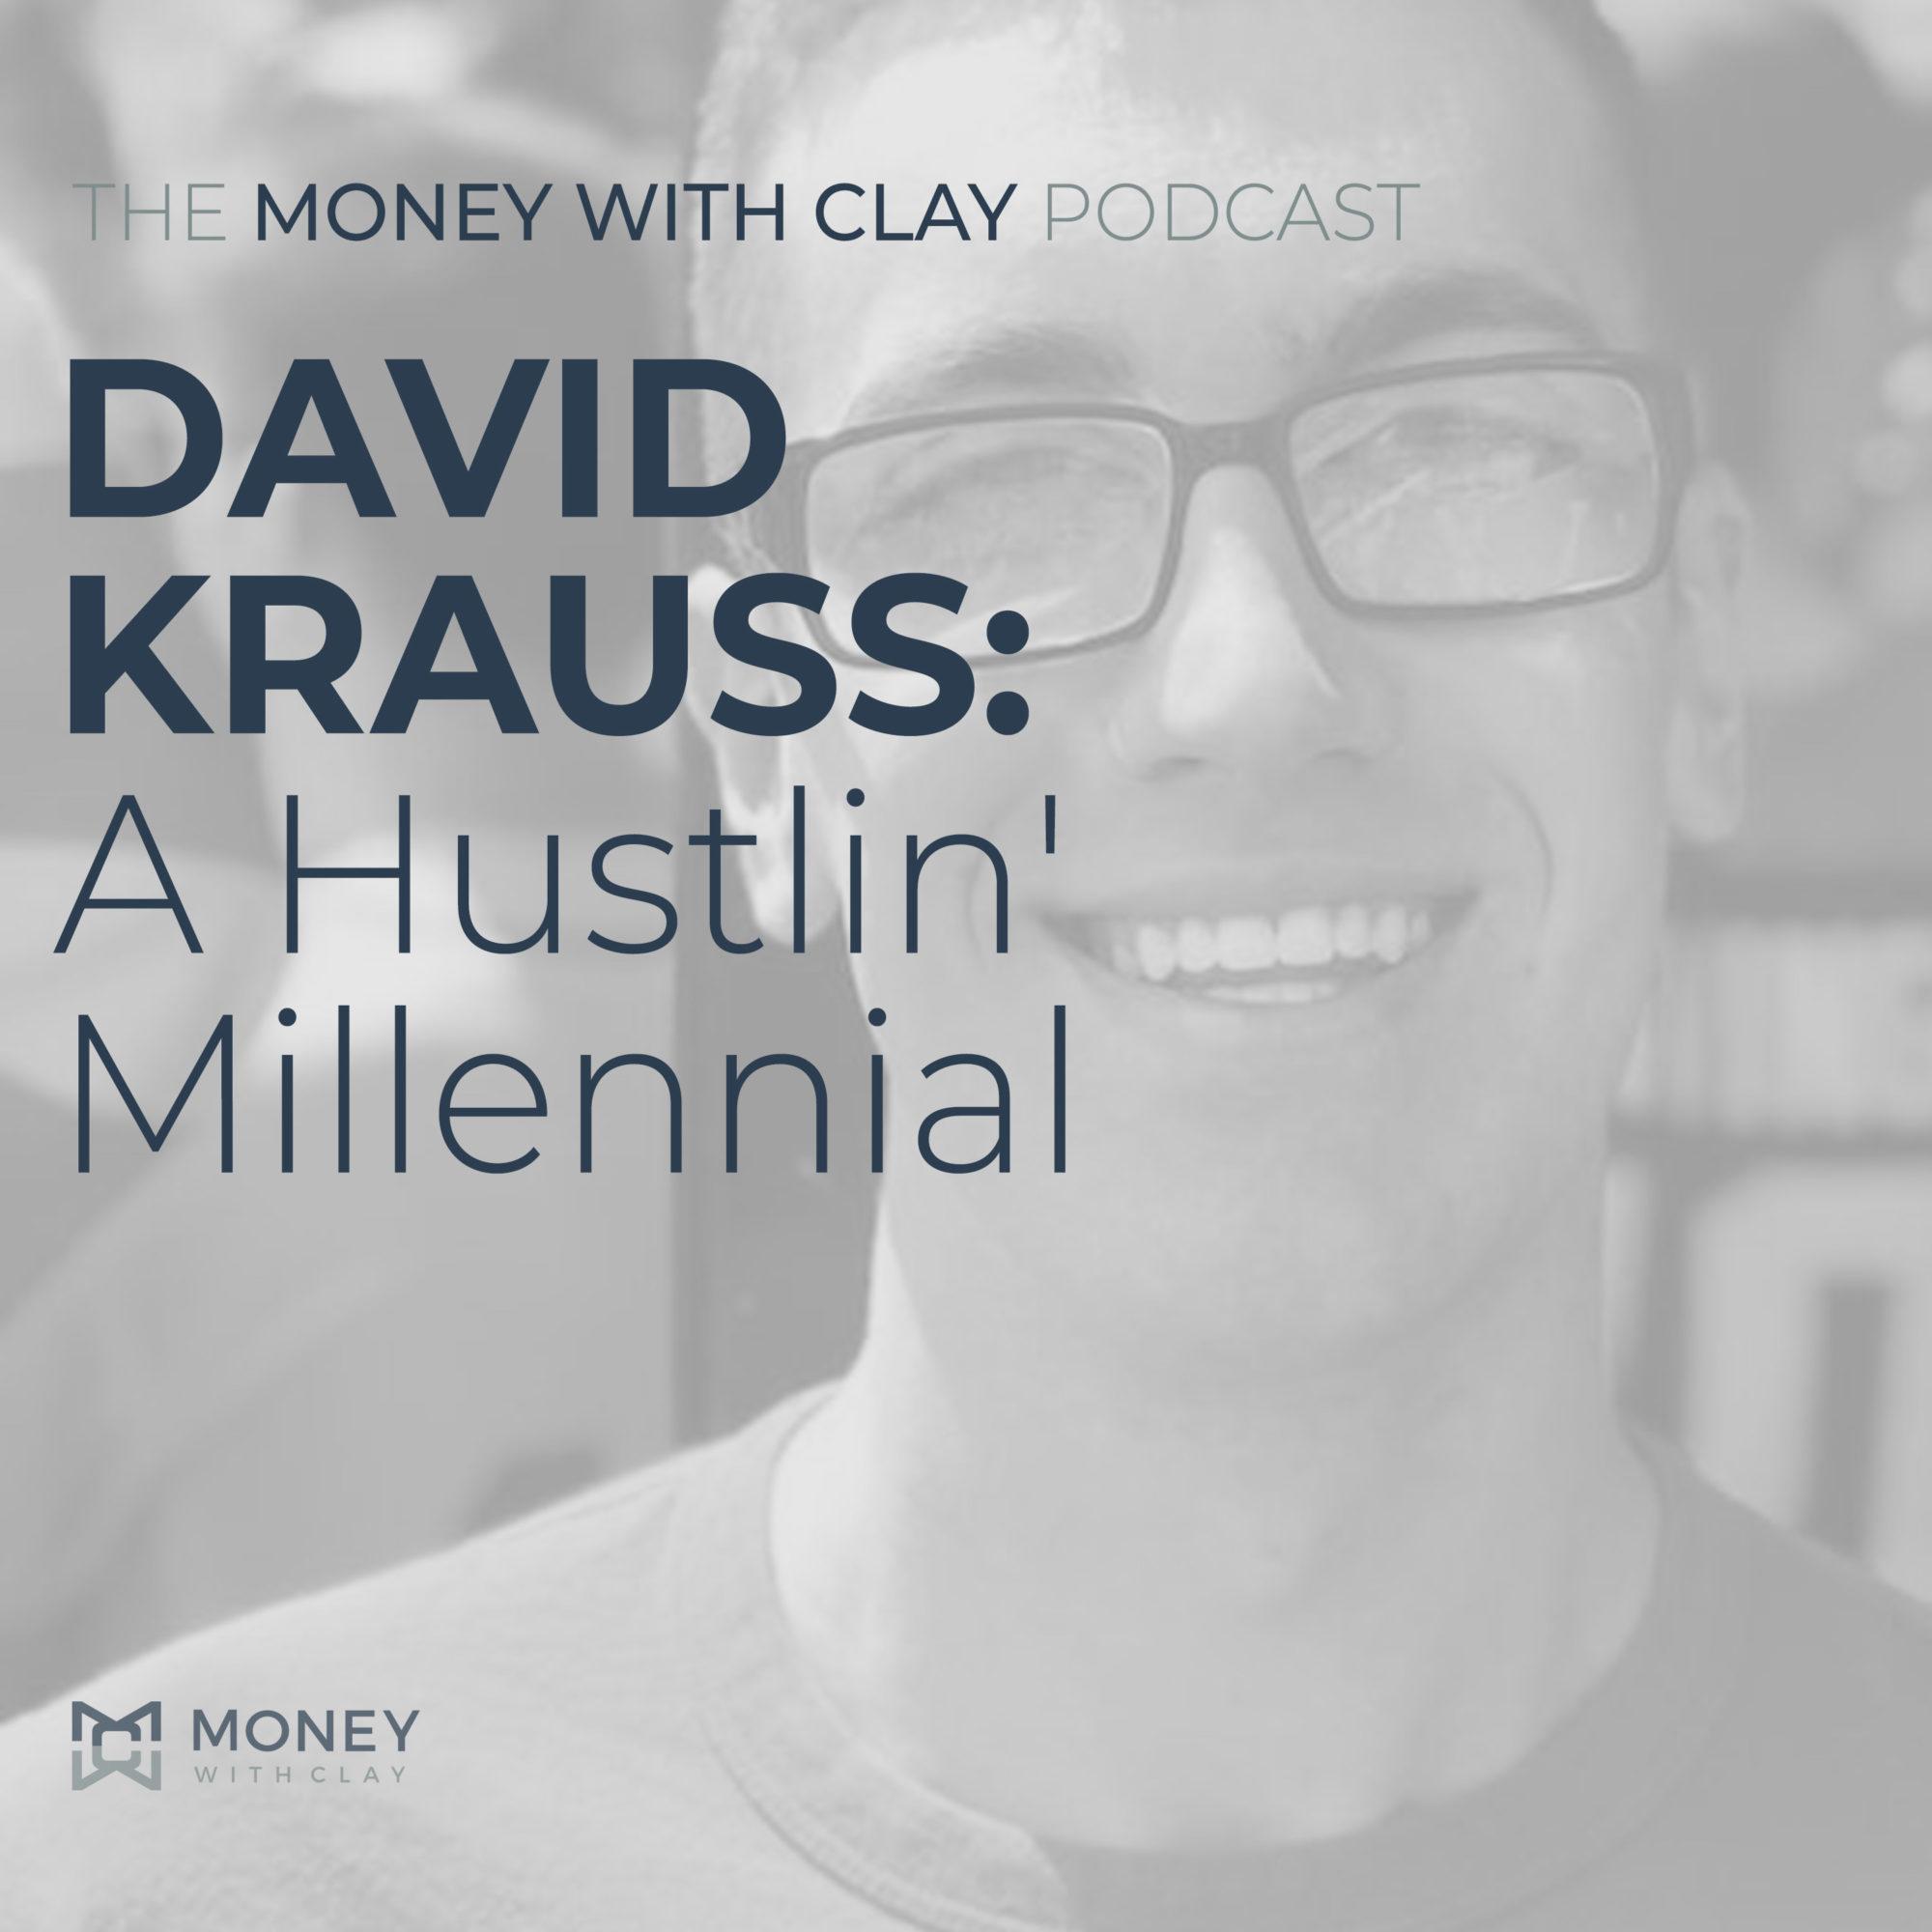 David Krauss: A Hustlin' Millennial